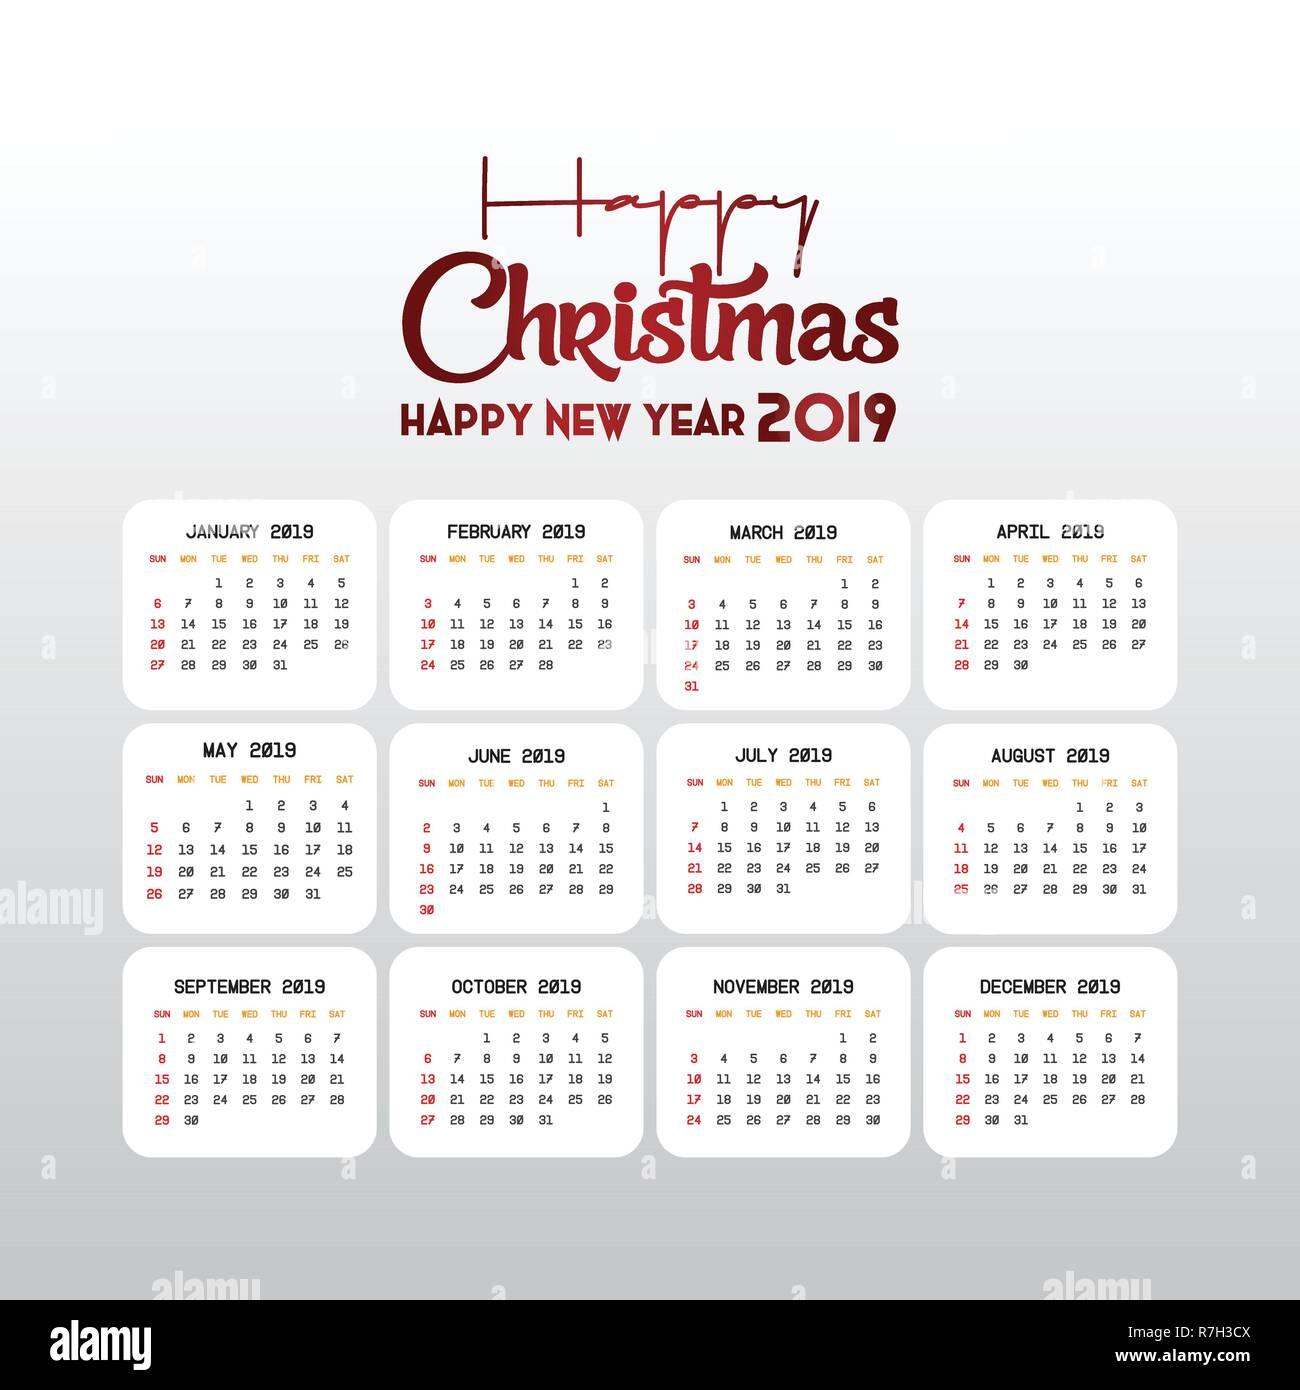 Kalender Weihnachten 2019.2019 Vorlage Kalender Weihnachten Und Ein Glückliches Neues Jahr